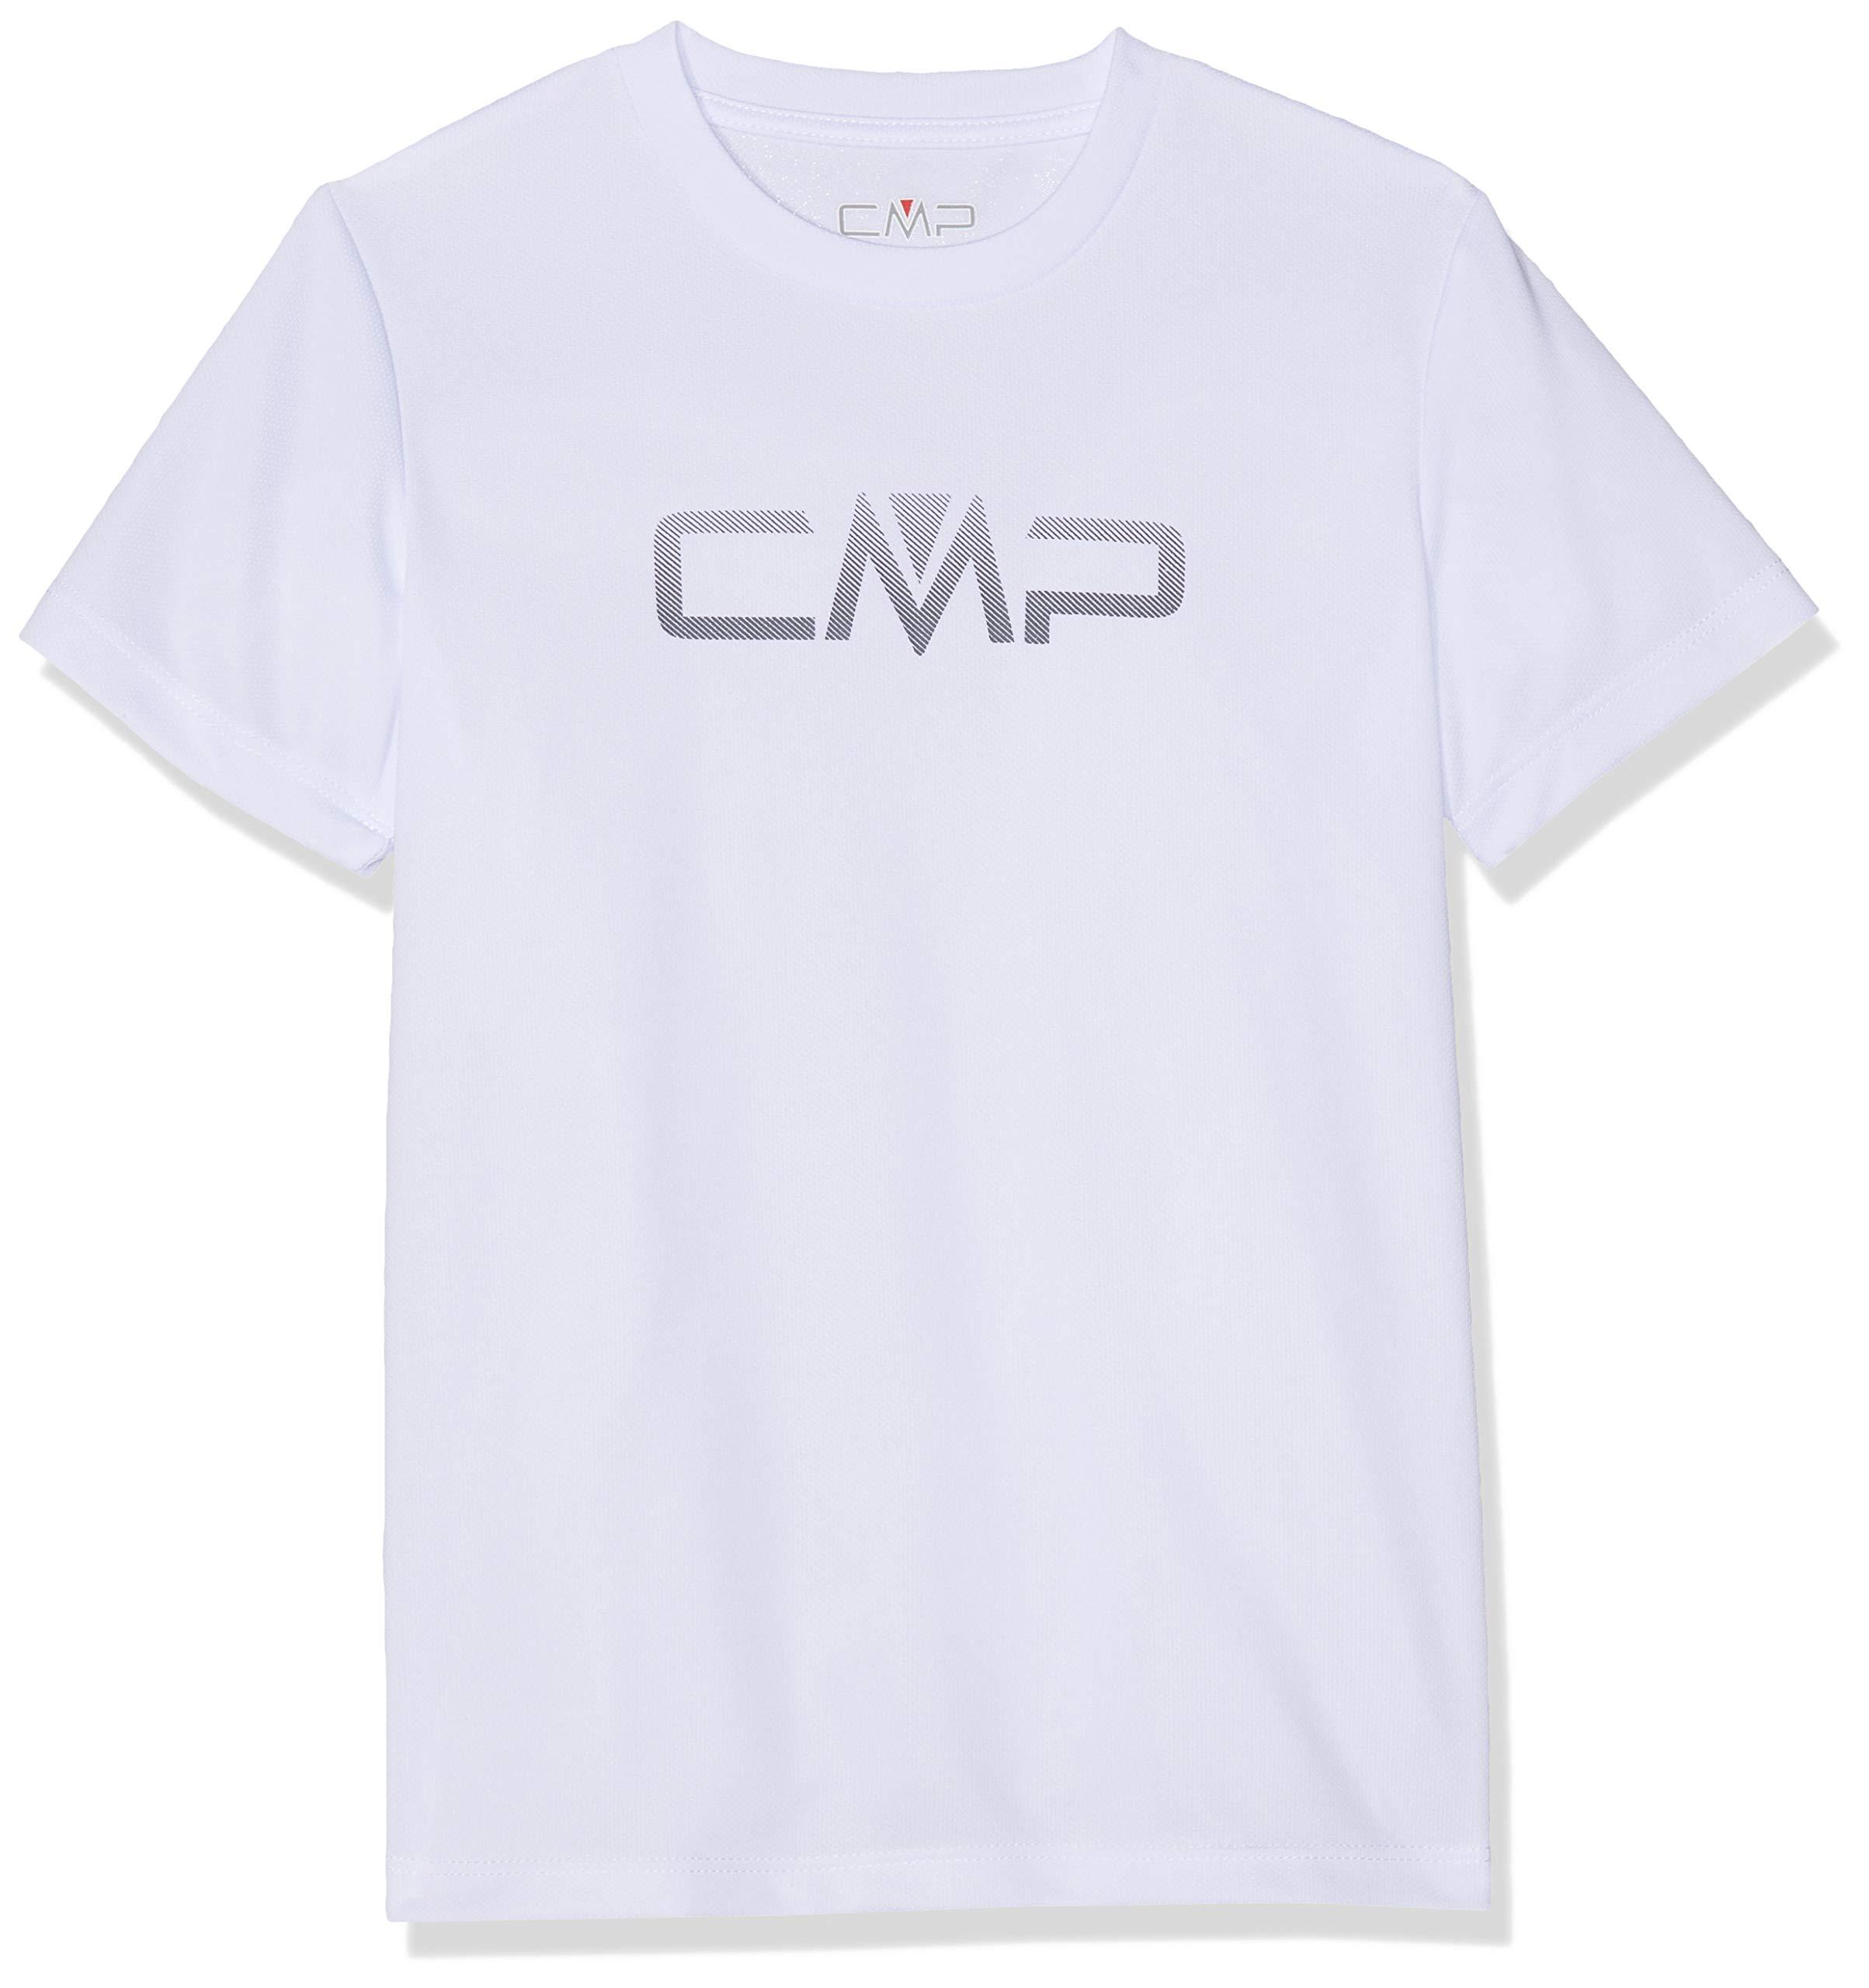 CMP Jungen T-Shirt, Bianco, 110